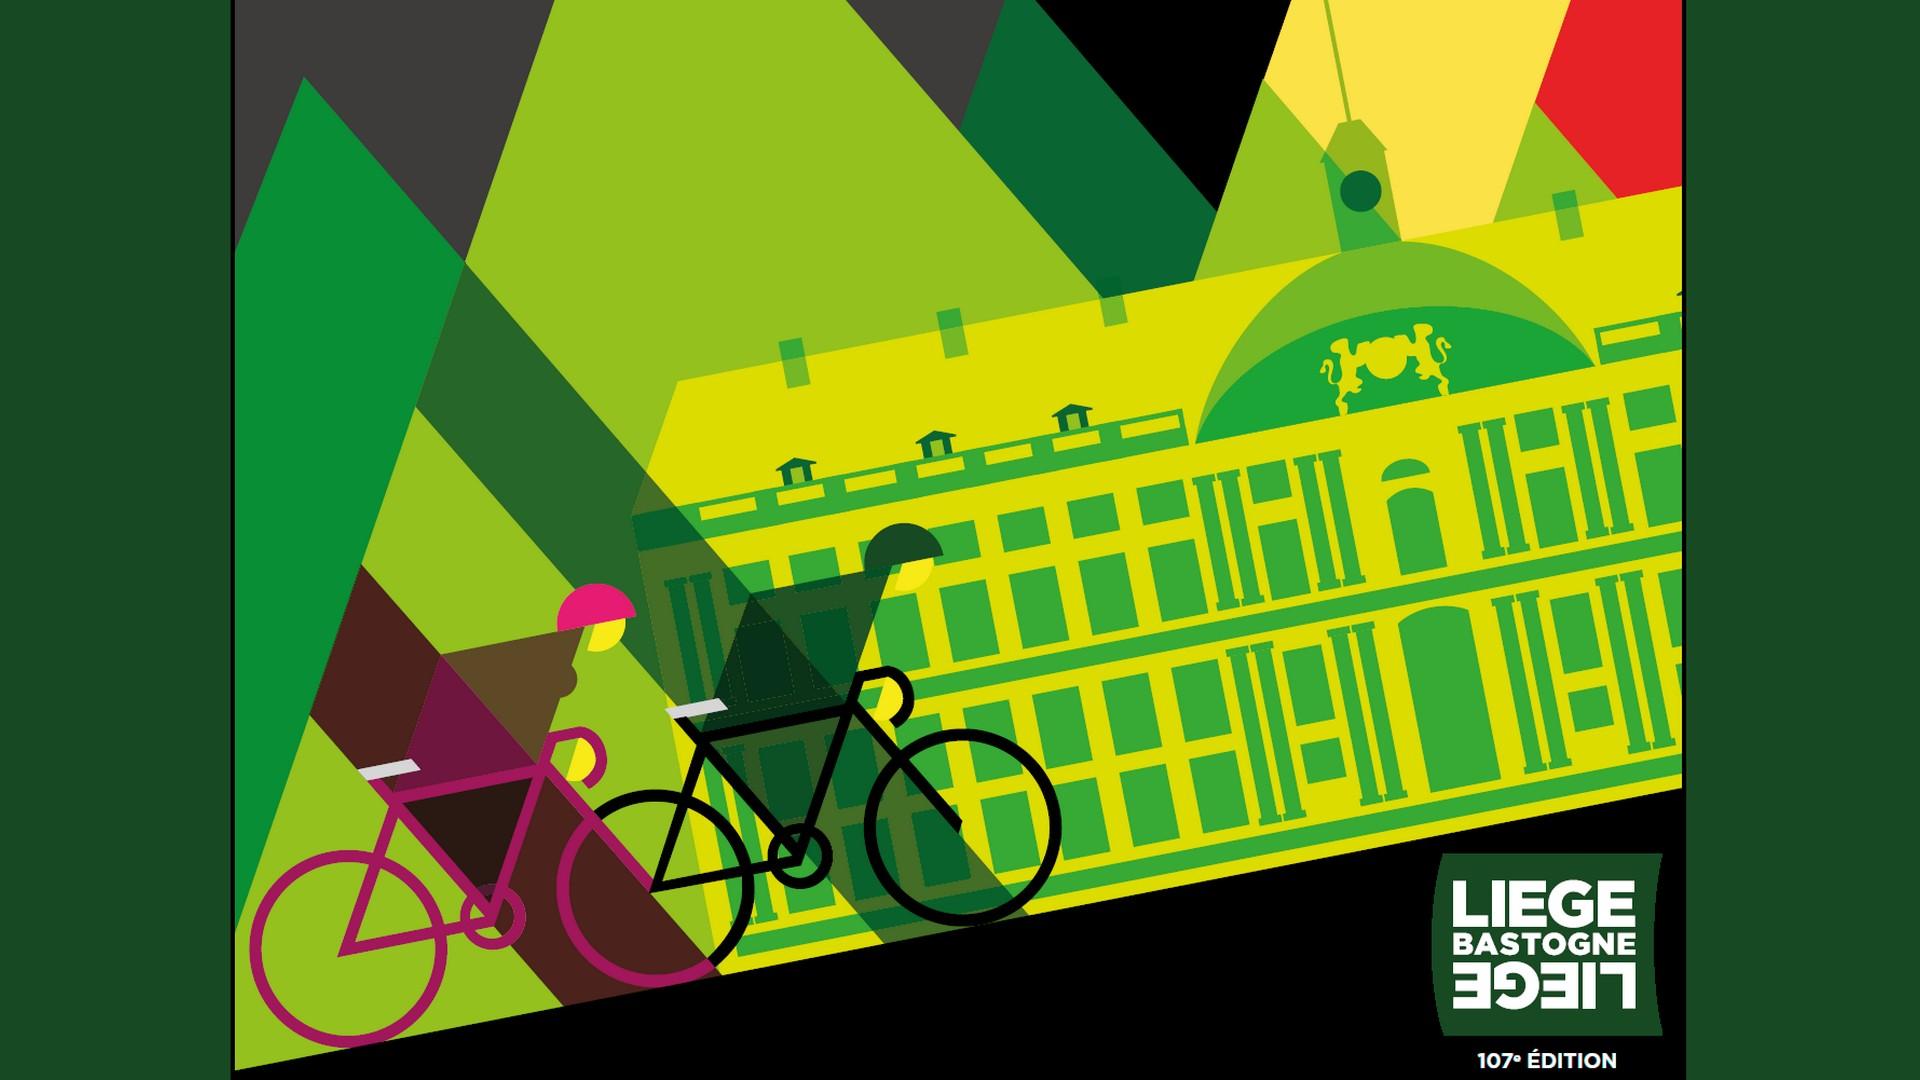 Cyclisme – Liège Bastogne Liège 2021 (1)